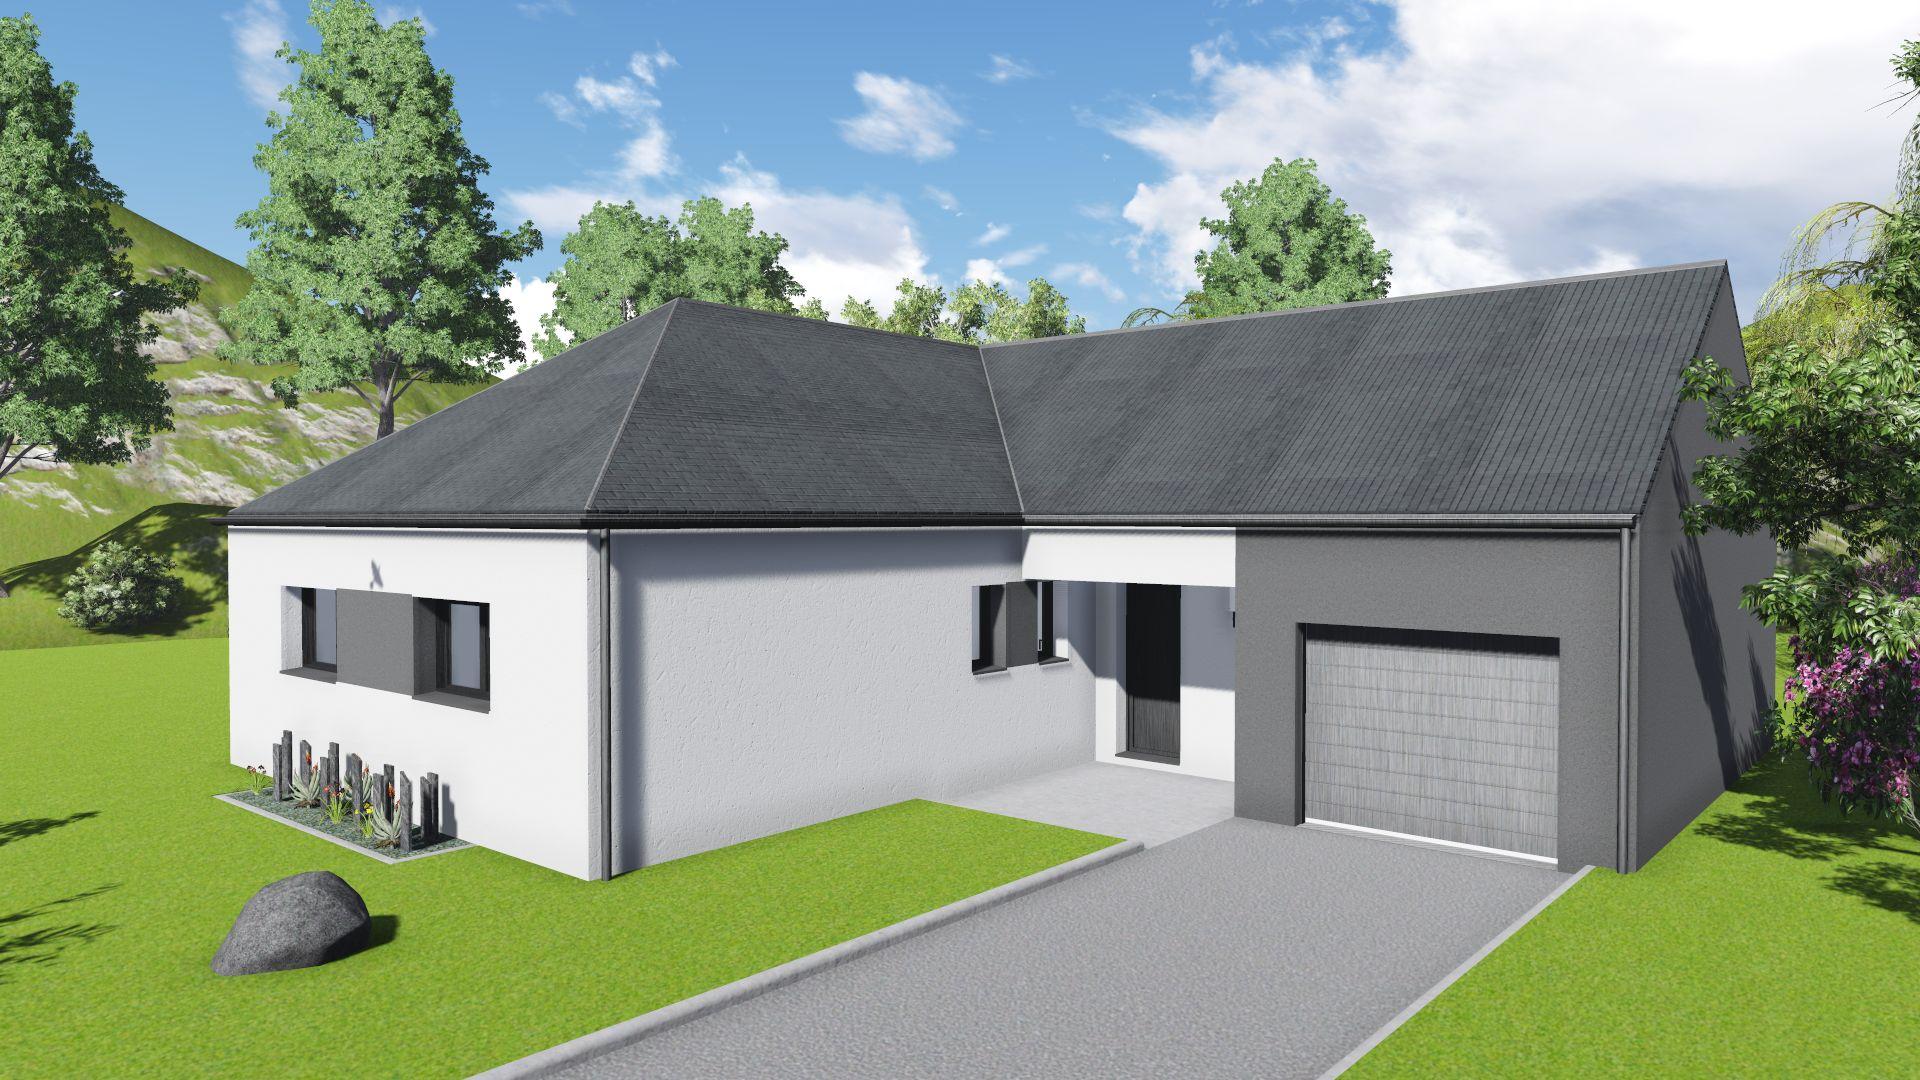 Maison neuve NOTRE DAME DES LANDES (44130) - Maison 91m2, 3 Ch ...